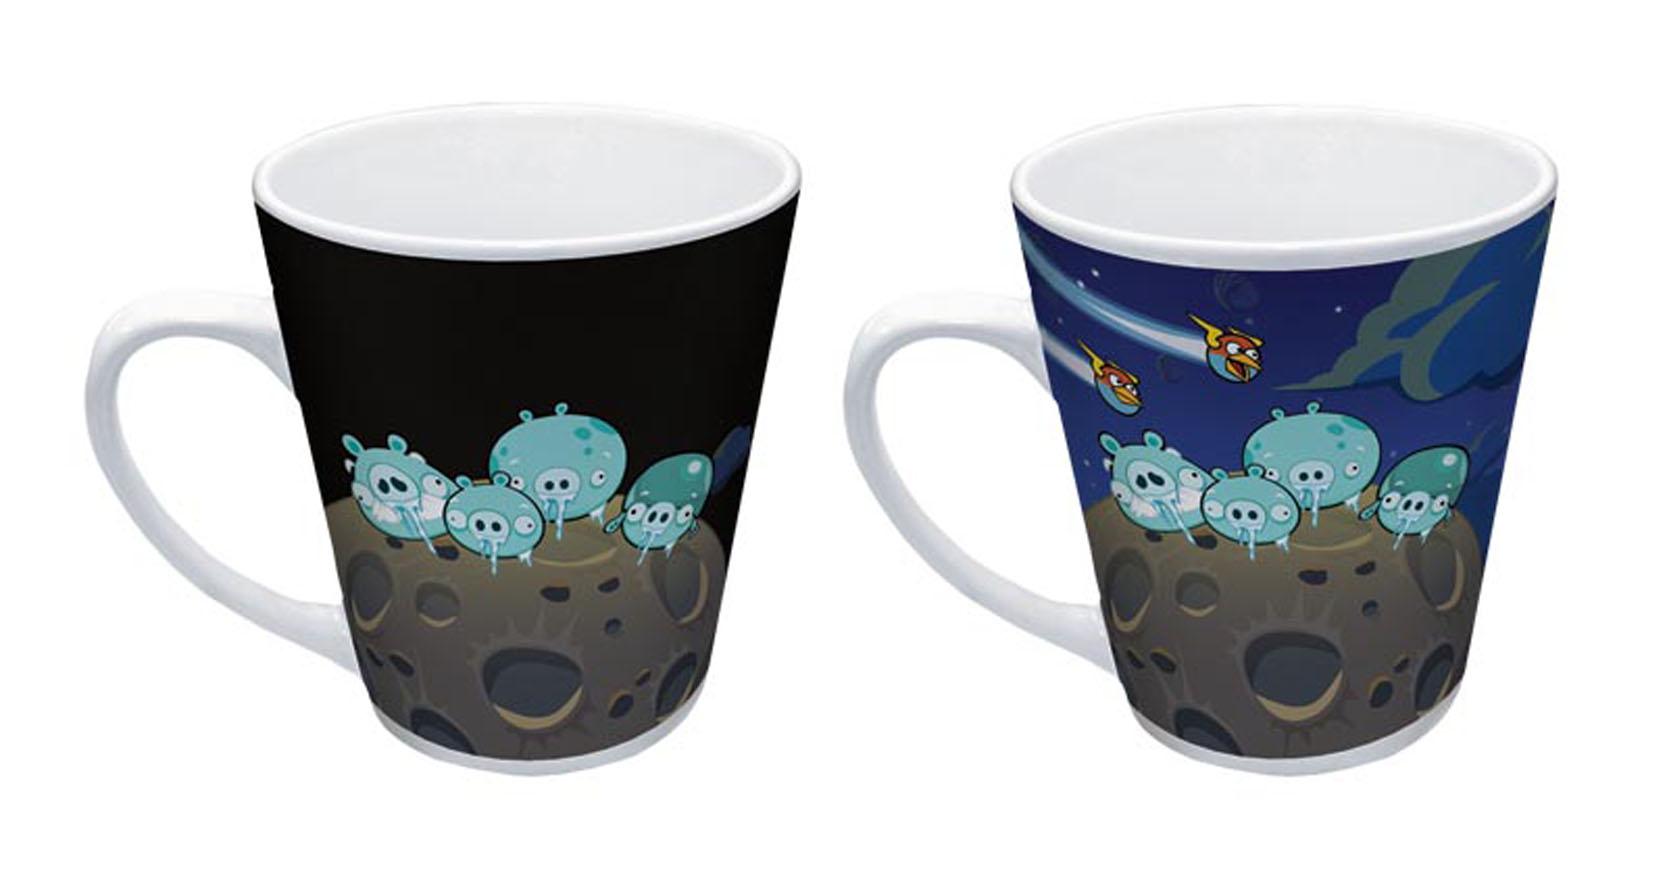 Термокружка керамическая Angry Birds, 300 мл. 9398493984Кружка Angry Birds, выполненная из керамики, станет желанным подарком и приятным сюрпризом. Красочная кружка с героями популярной видеоигры-головоломки вместительна и прочна. При заполнении кружки горячей водой рисунок меняется. Кружку можно использовать в микроволновой печи и посудомоечной машине.